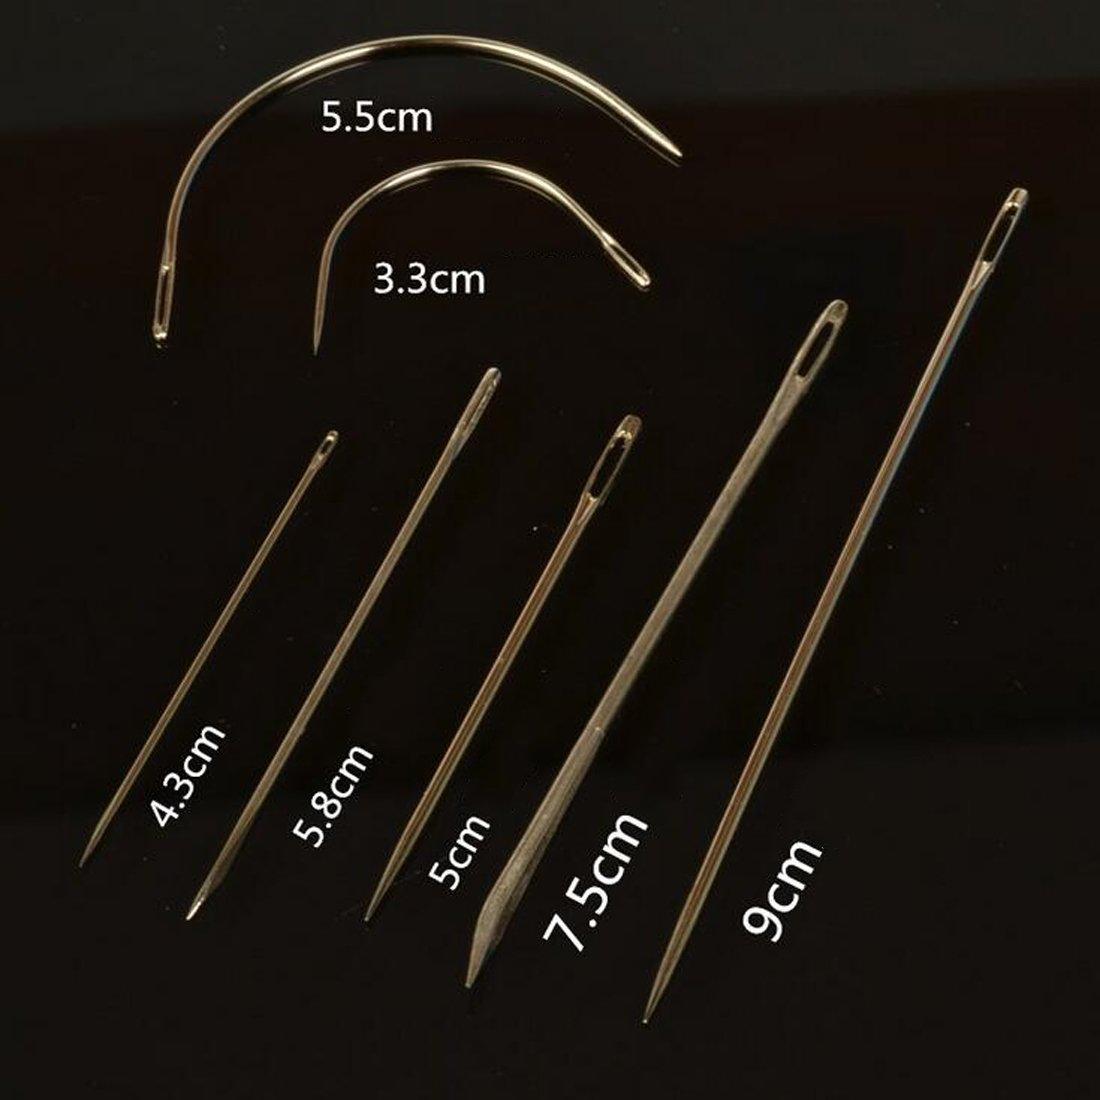 joyliveCY 7pcs agujas de clavos de acero inoxidable para reparaci/ón de piel DIY